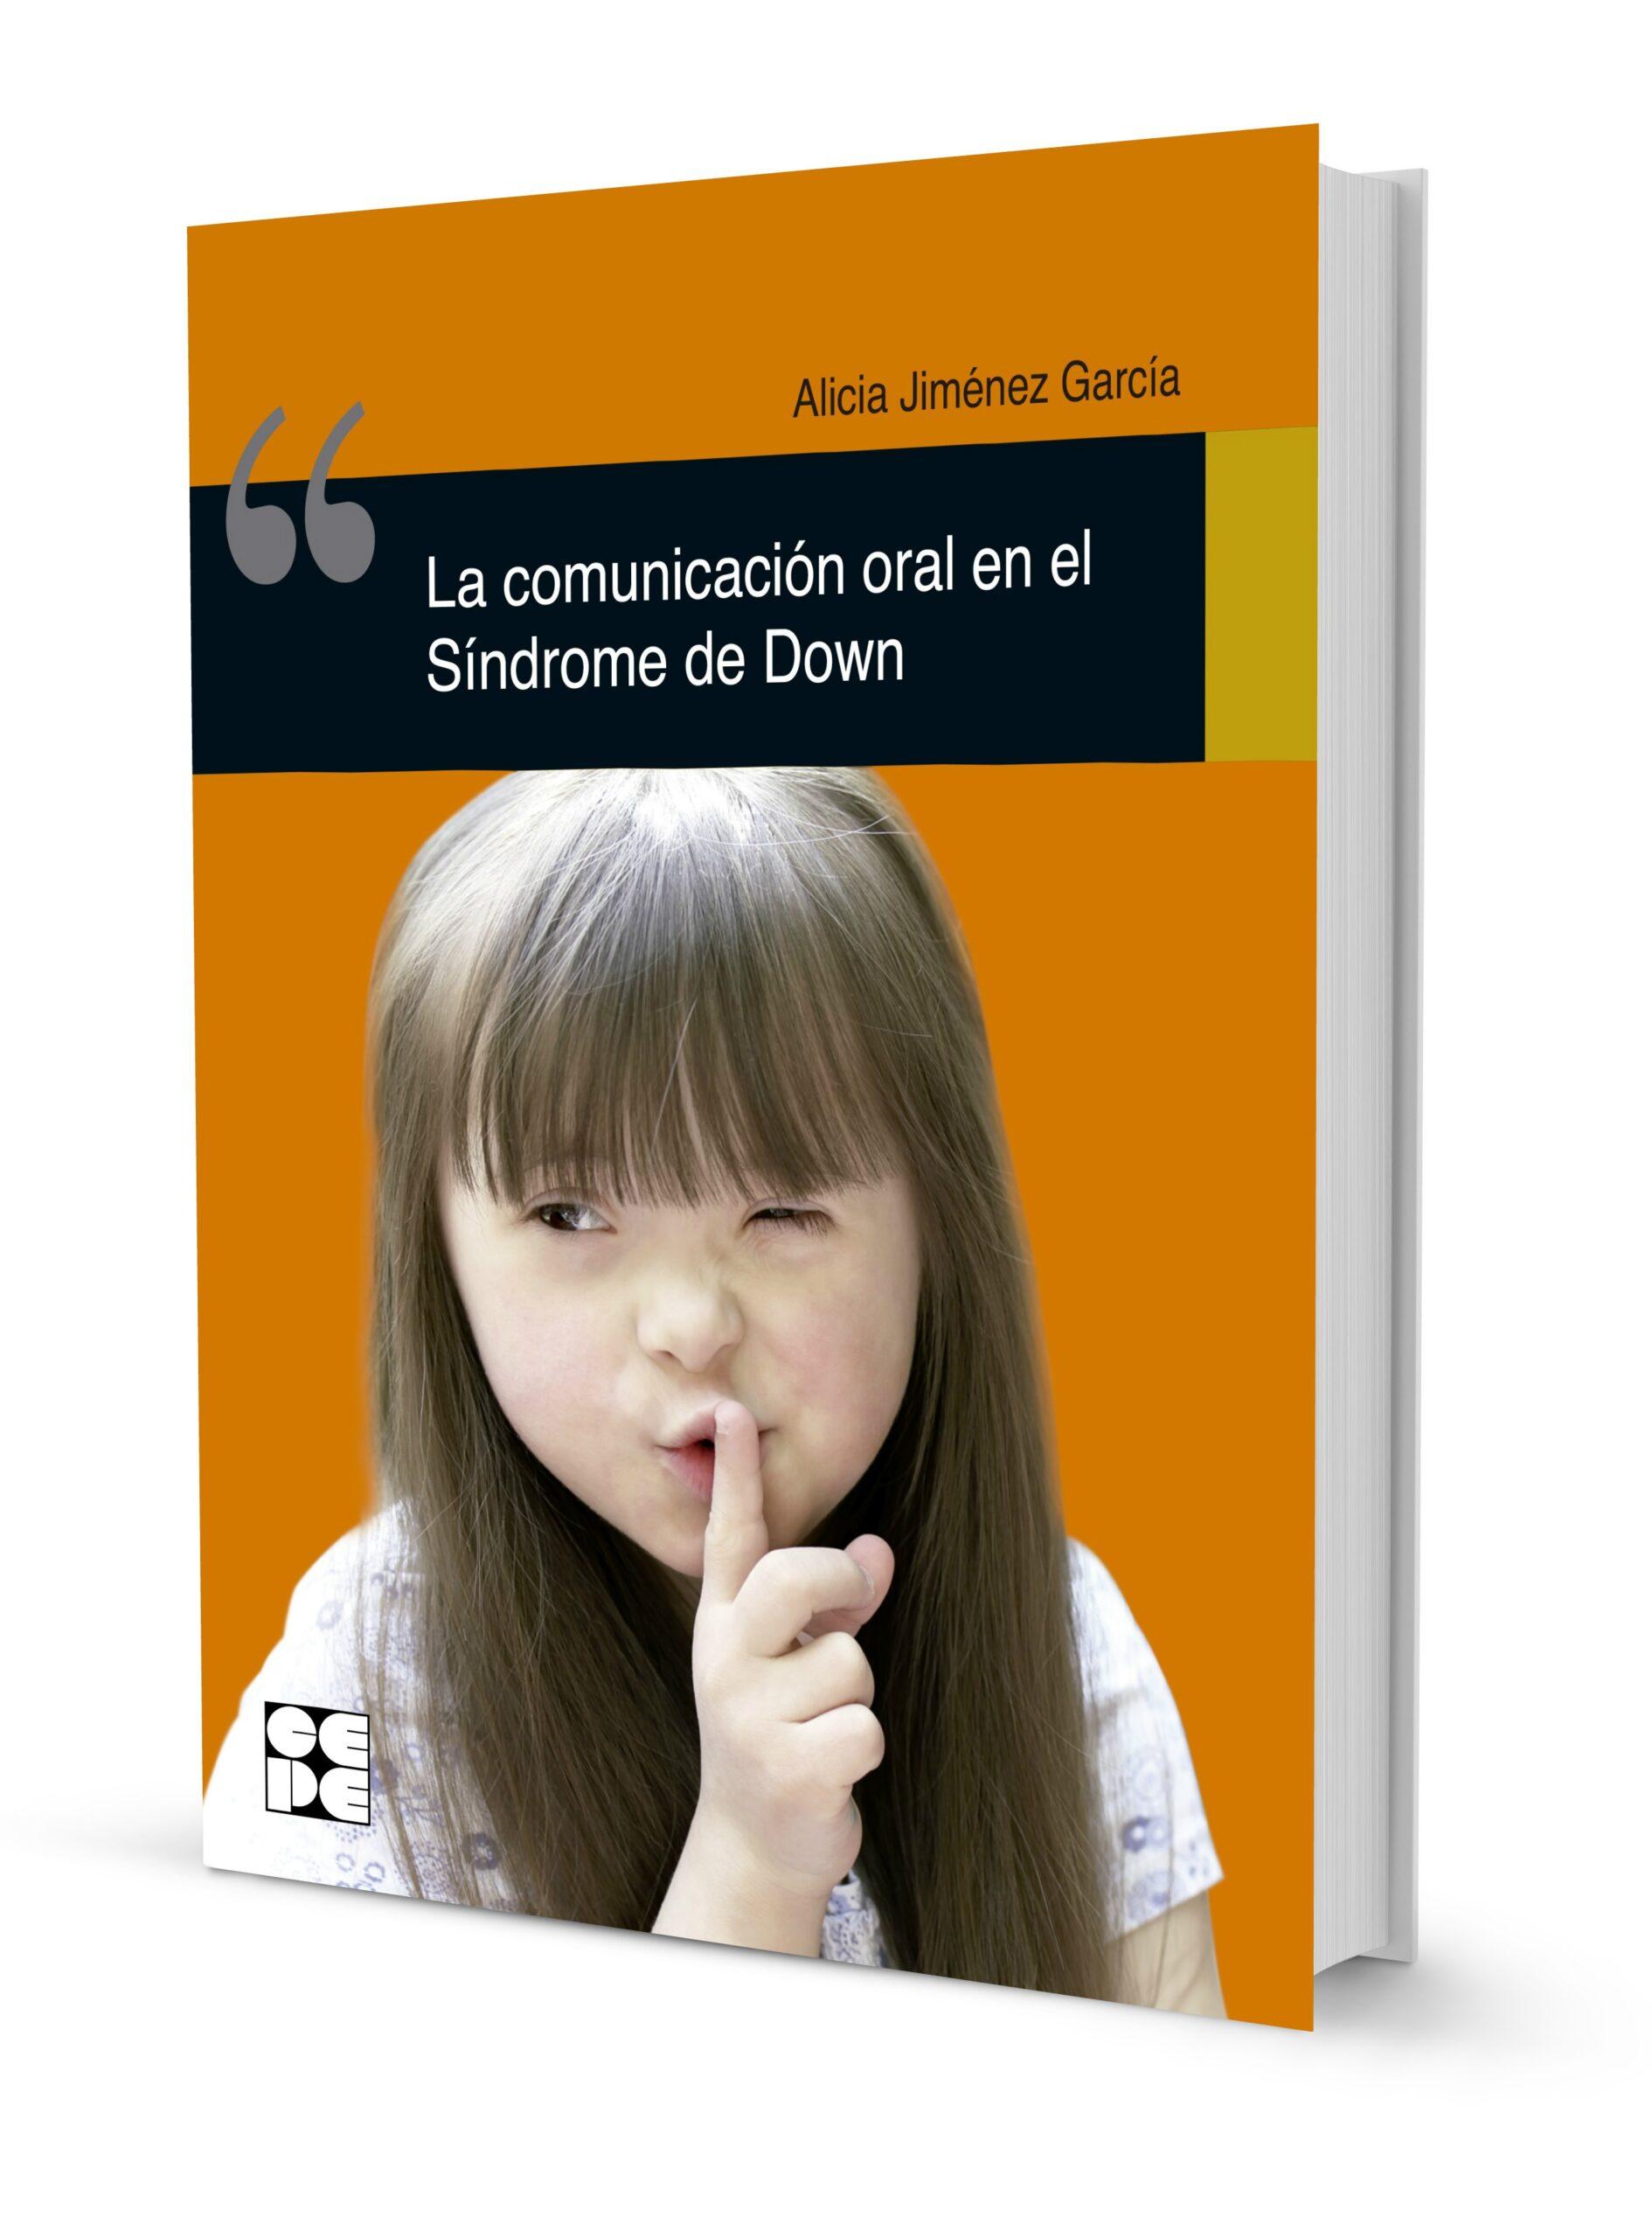 La comunicación oral en el Síndrome de Down